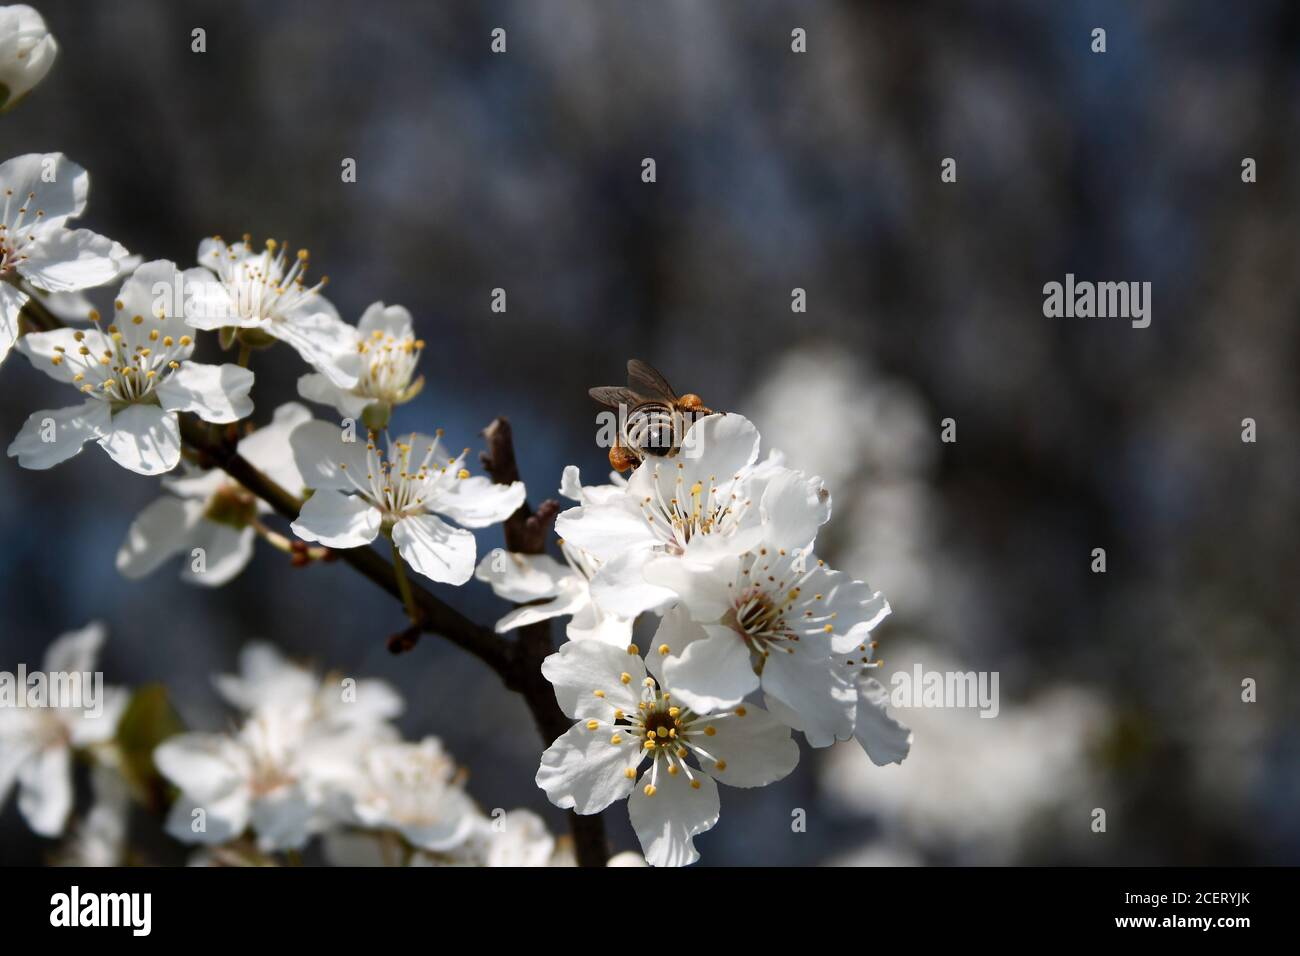 Biene sammelt Pollen von weißen Blüten Stockfoto